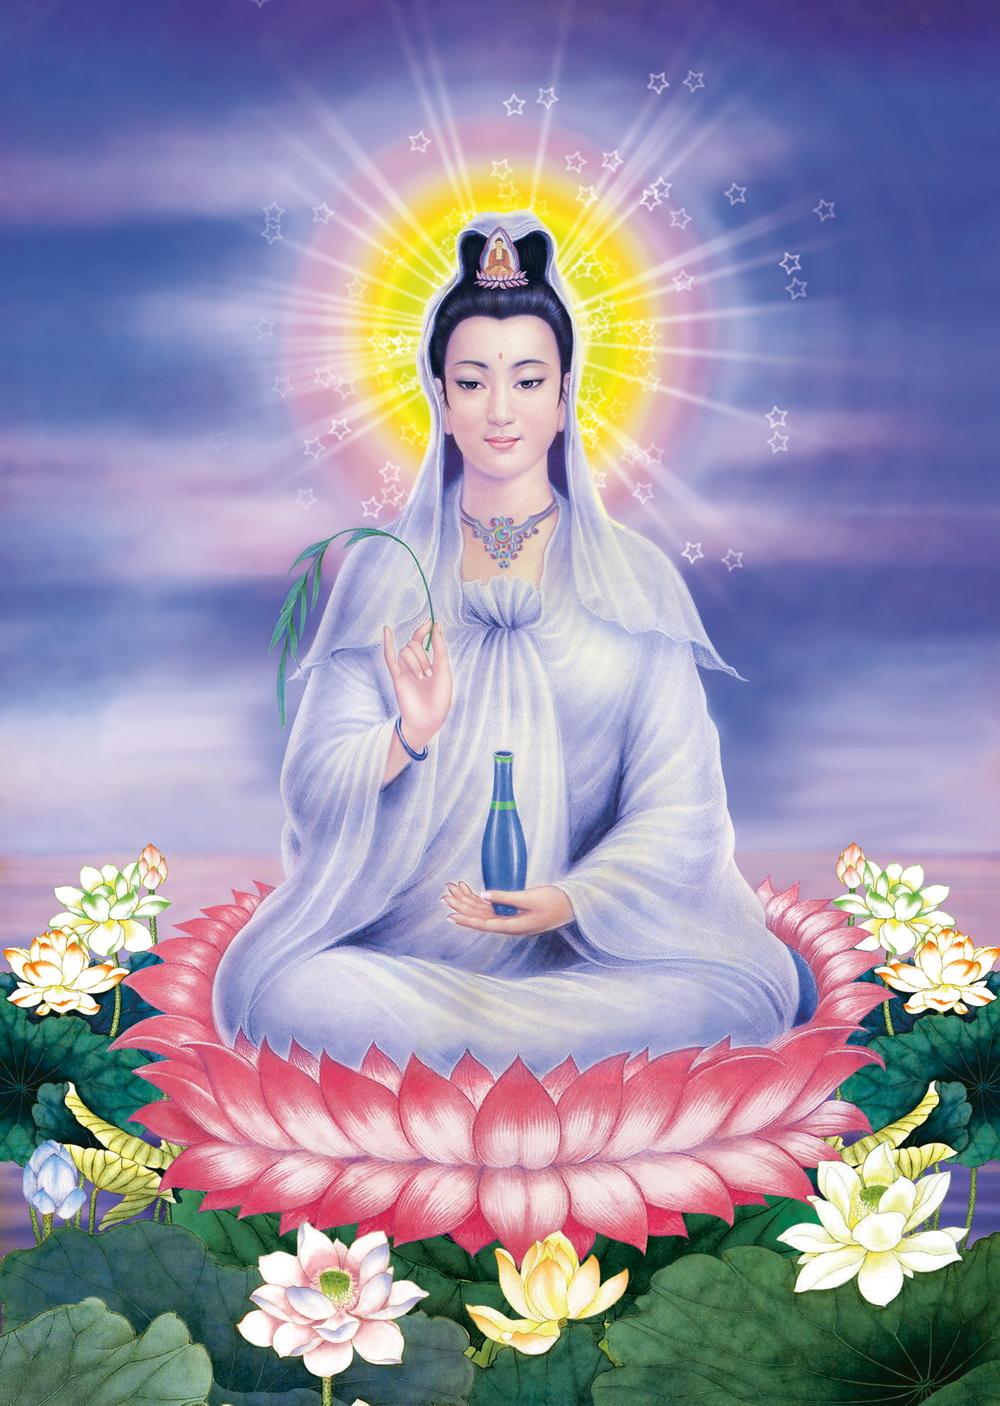 Hình ảnh Phật quan thế âm bồ tát đẹp nhất